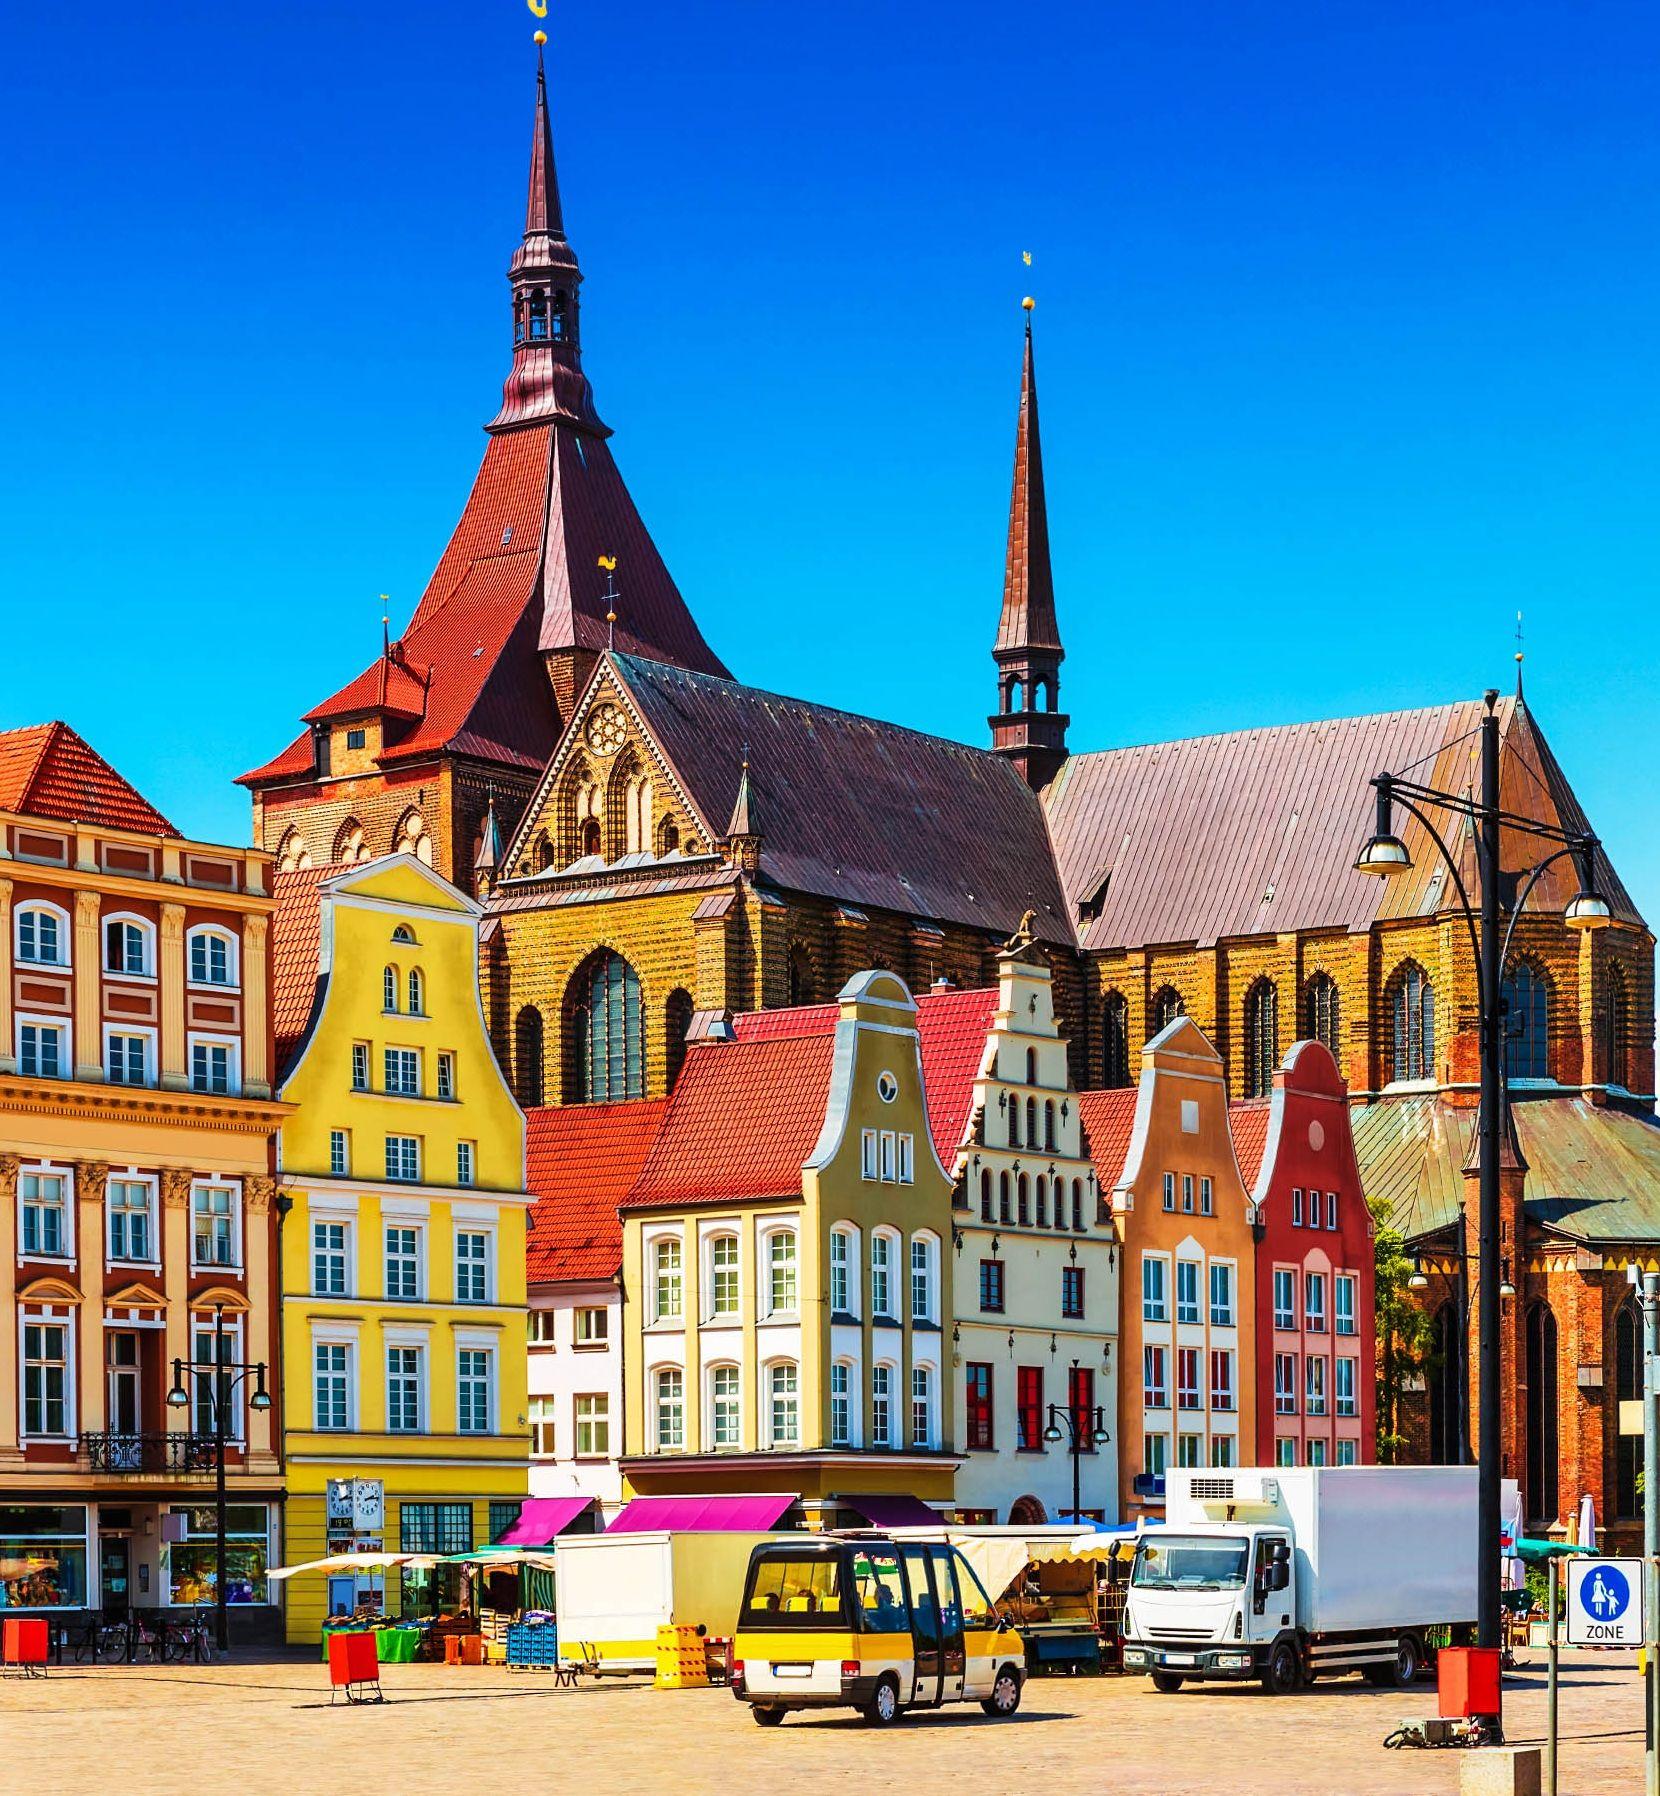 Rostock tipps f r urlaub an der ostsee deutschland liebe for Urlaub in warnemunde